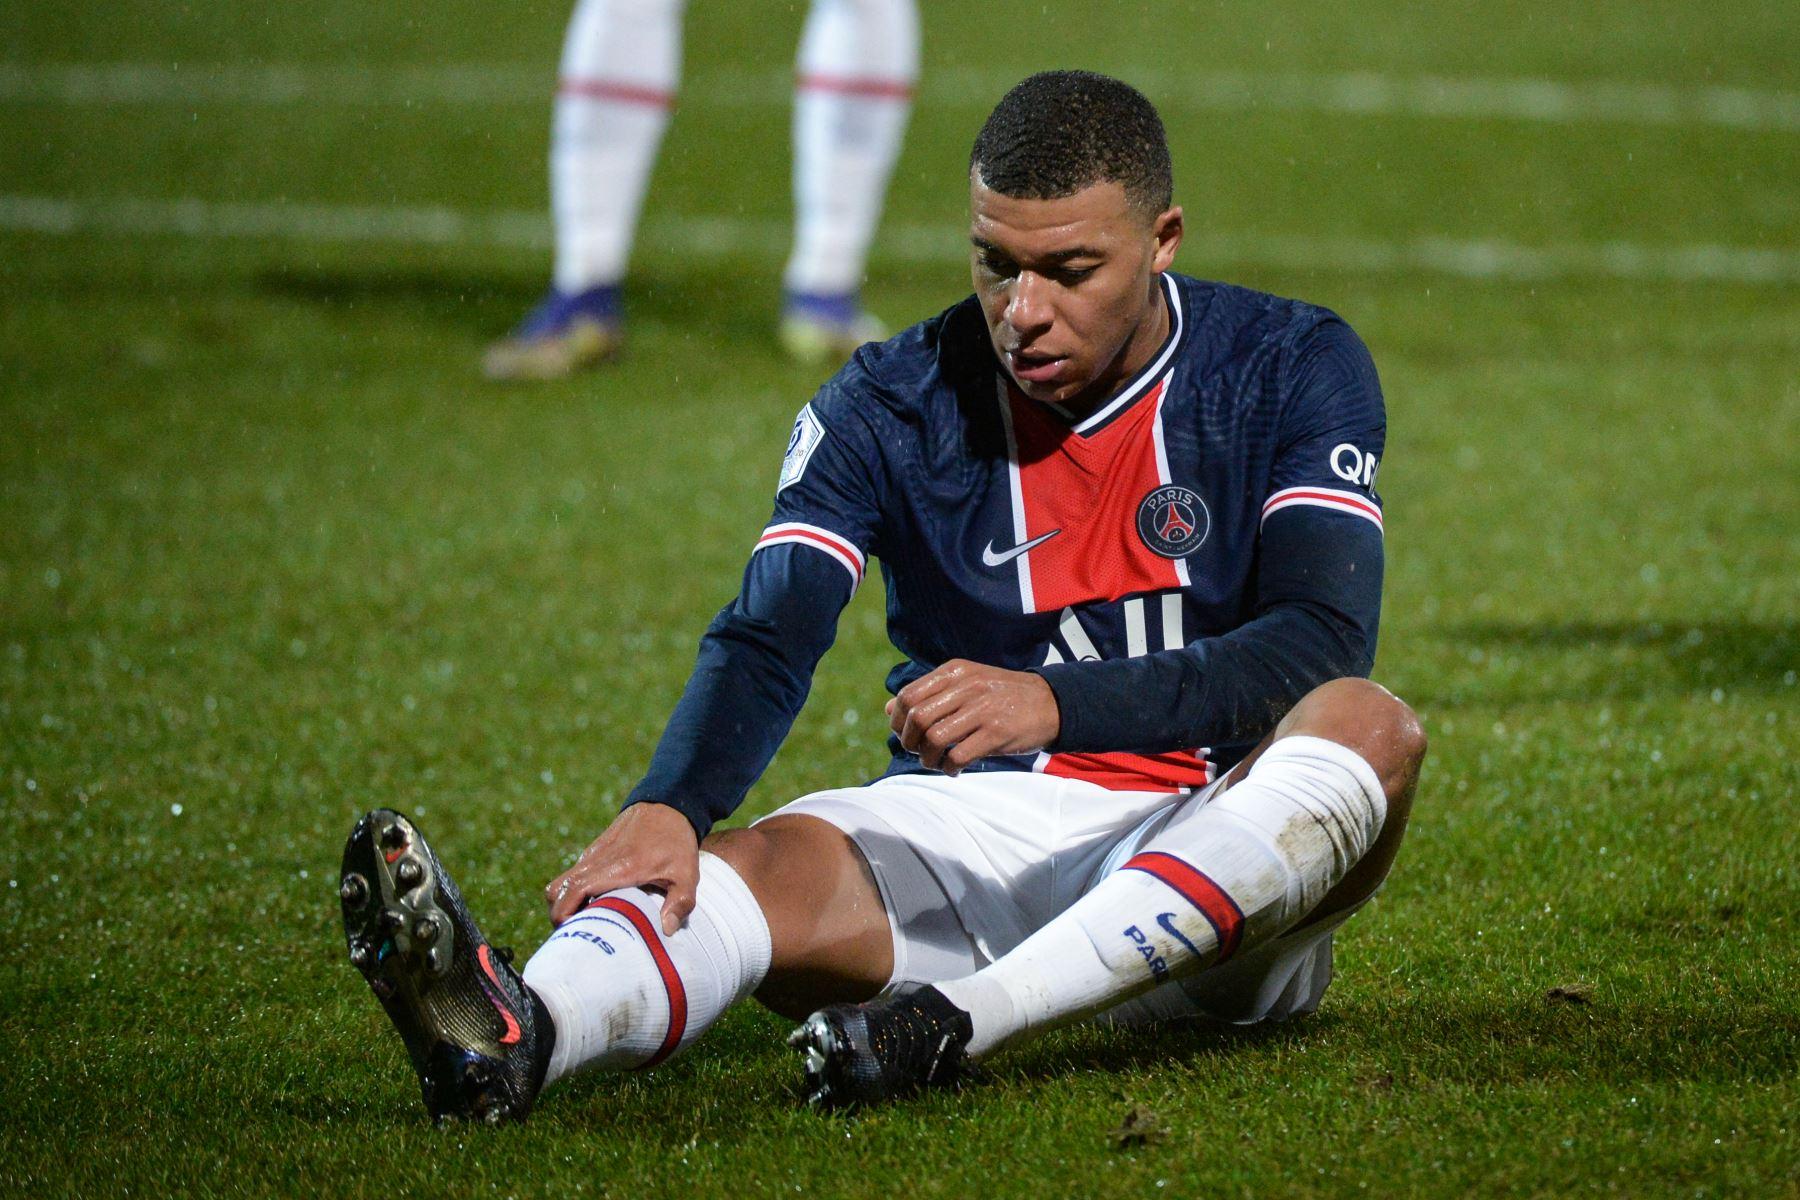 El delantero francés del PSG, Kylian Mbappé, reacciona durante el partido vs Angers del fútbol francés L1  en el Estadio Raymond Kopa en Angers, en el oeste de Francia. Foto: AFP